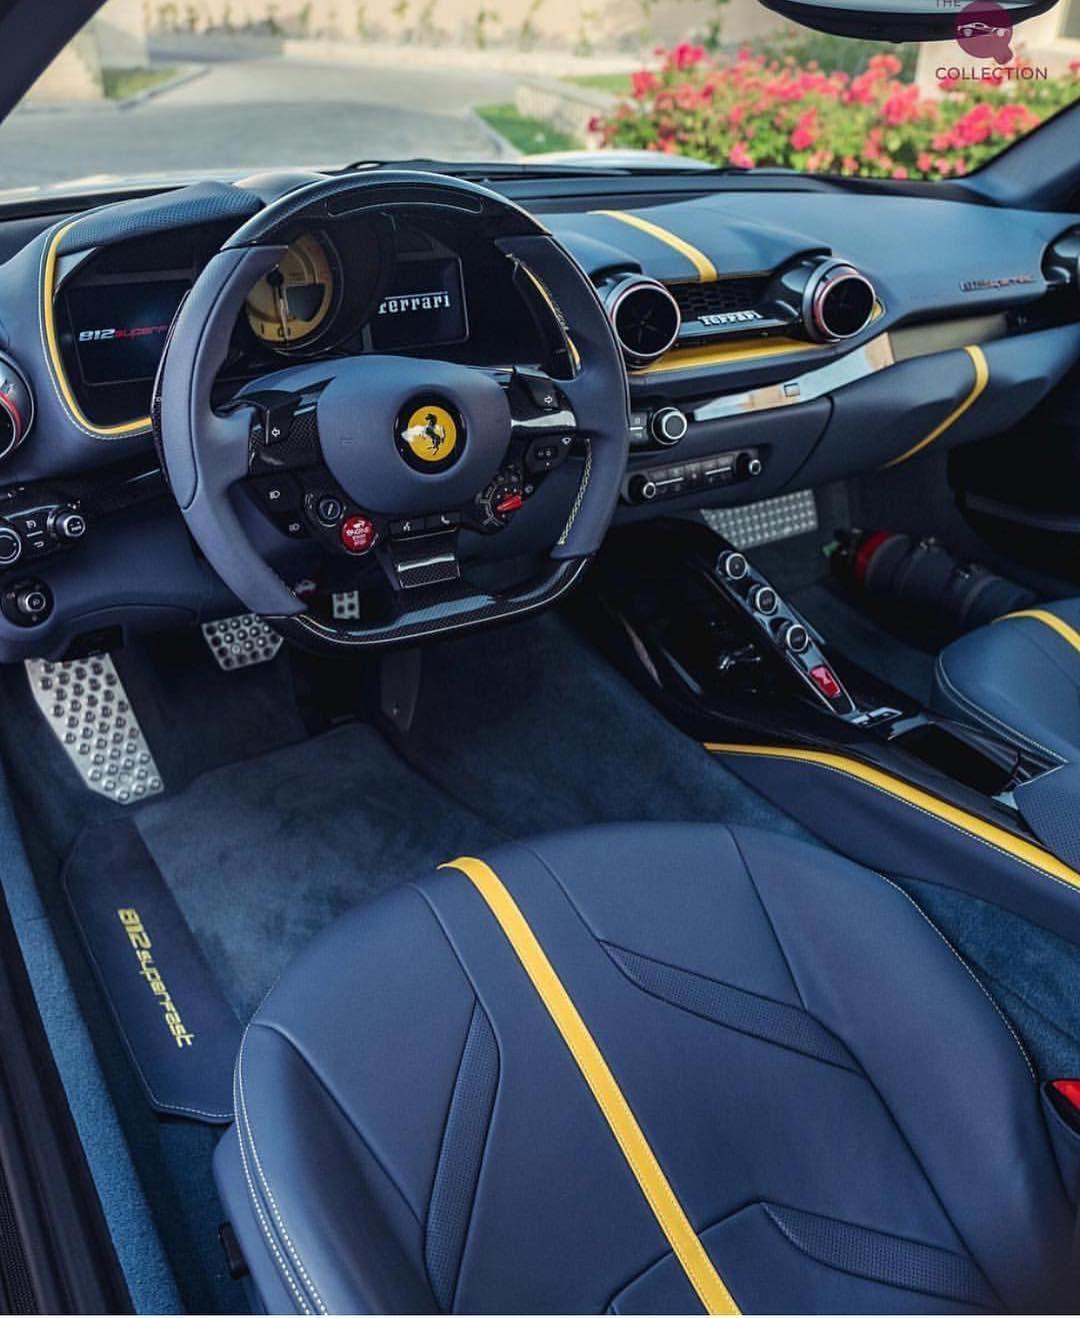 Ferrari 812 Superfast İnterior Coches Deportivos De Lujo Interior De Autos Asientos De Coche